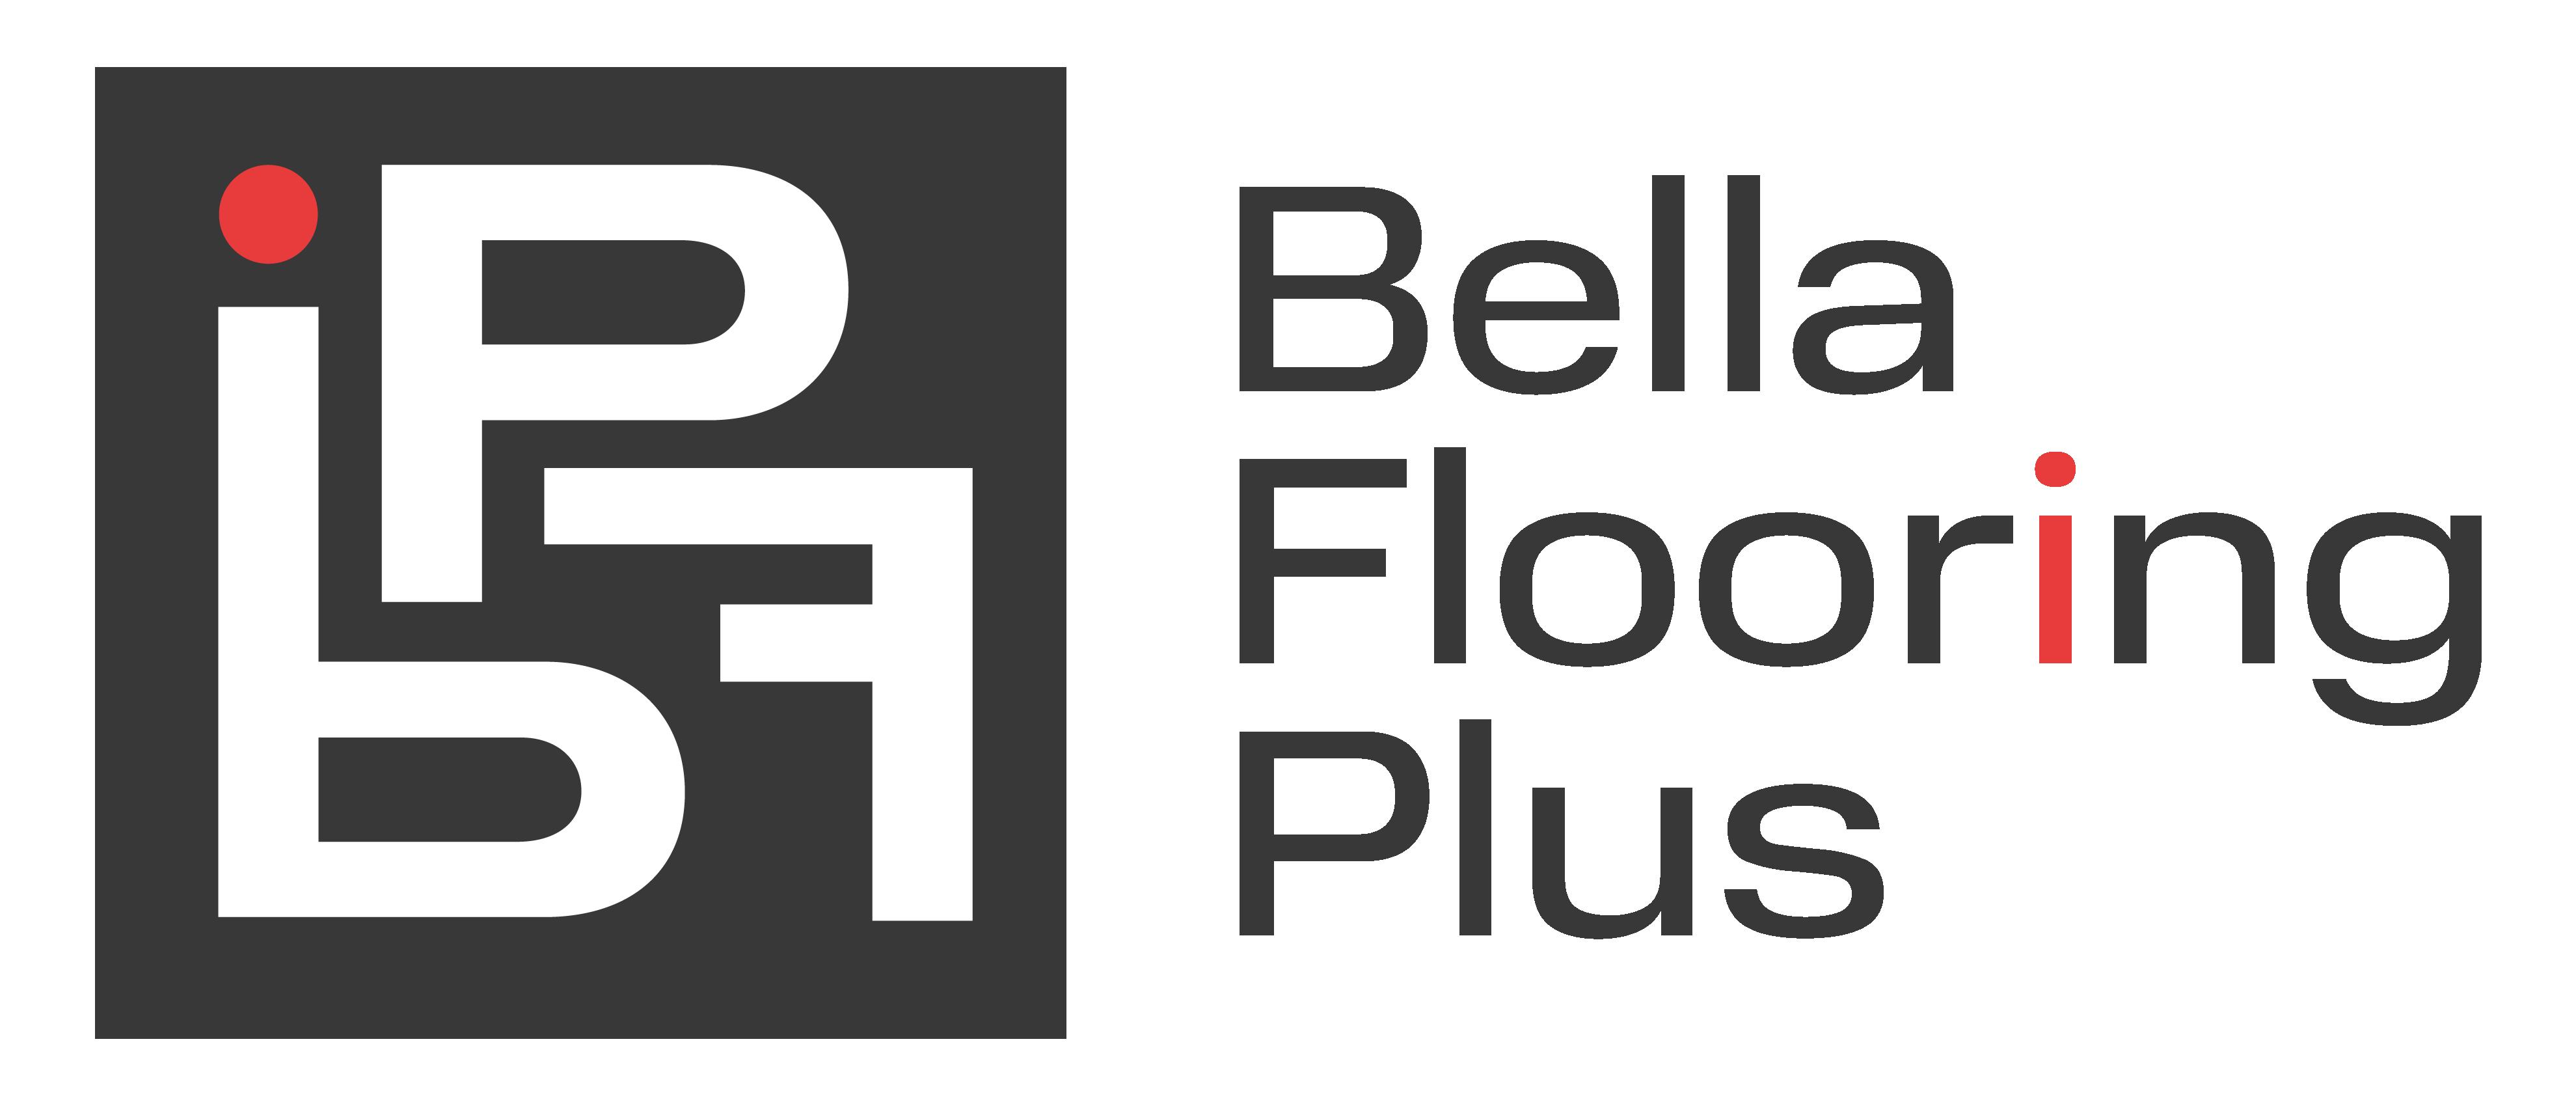 Bella flooring plus